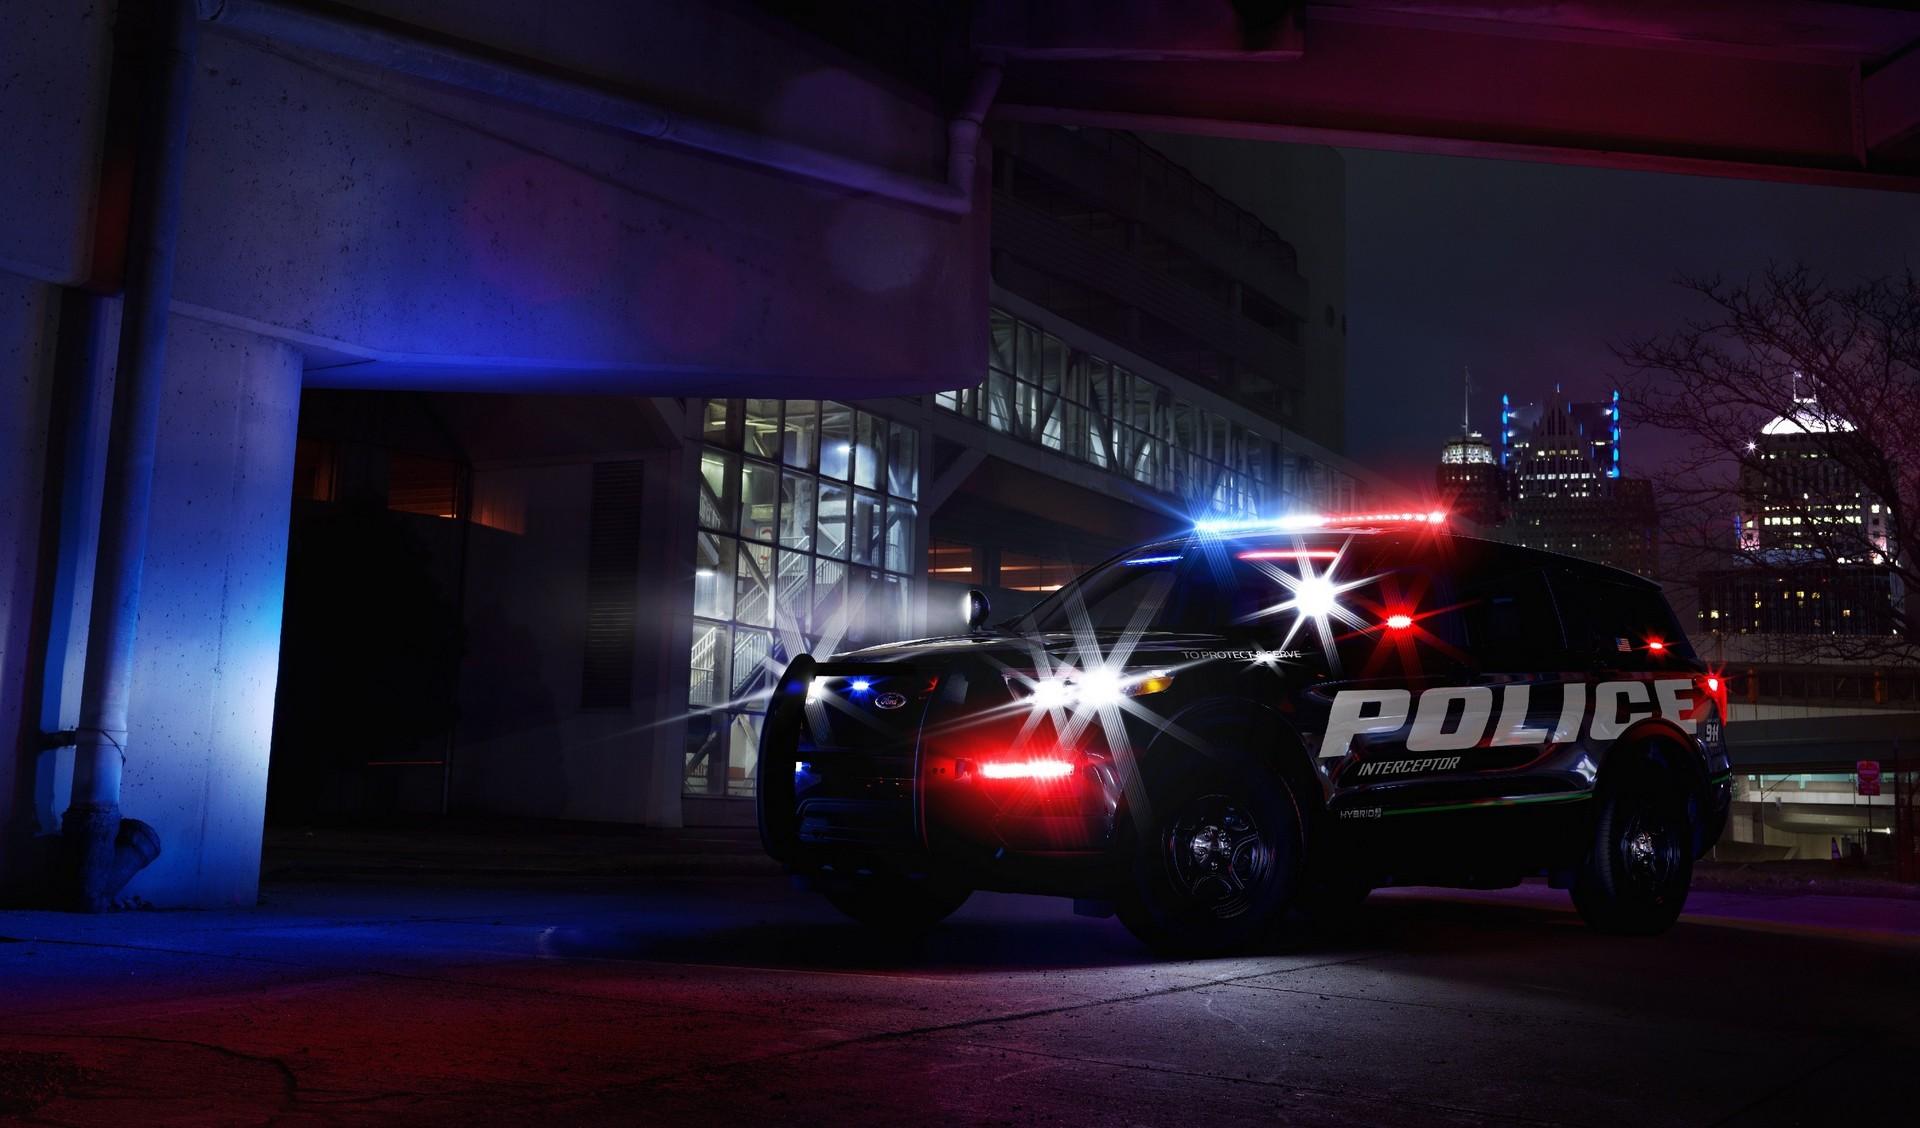 ارتقاء ماشین پلیس در آمریکا/ سرعت و فناوری بیشتر در خودروهای امنیتی فورد